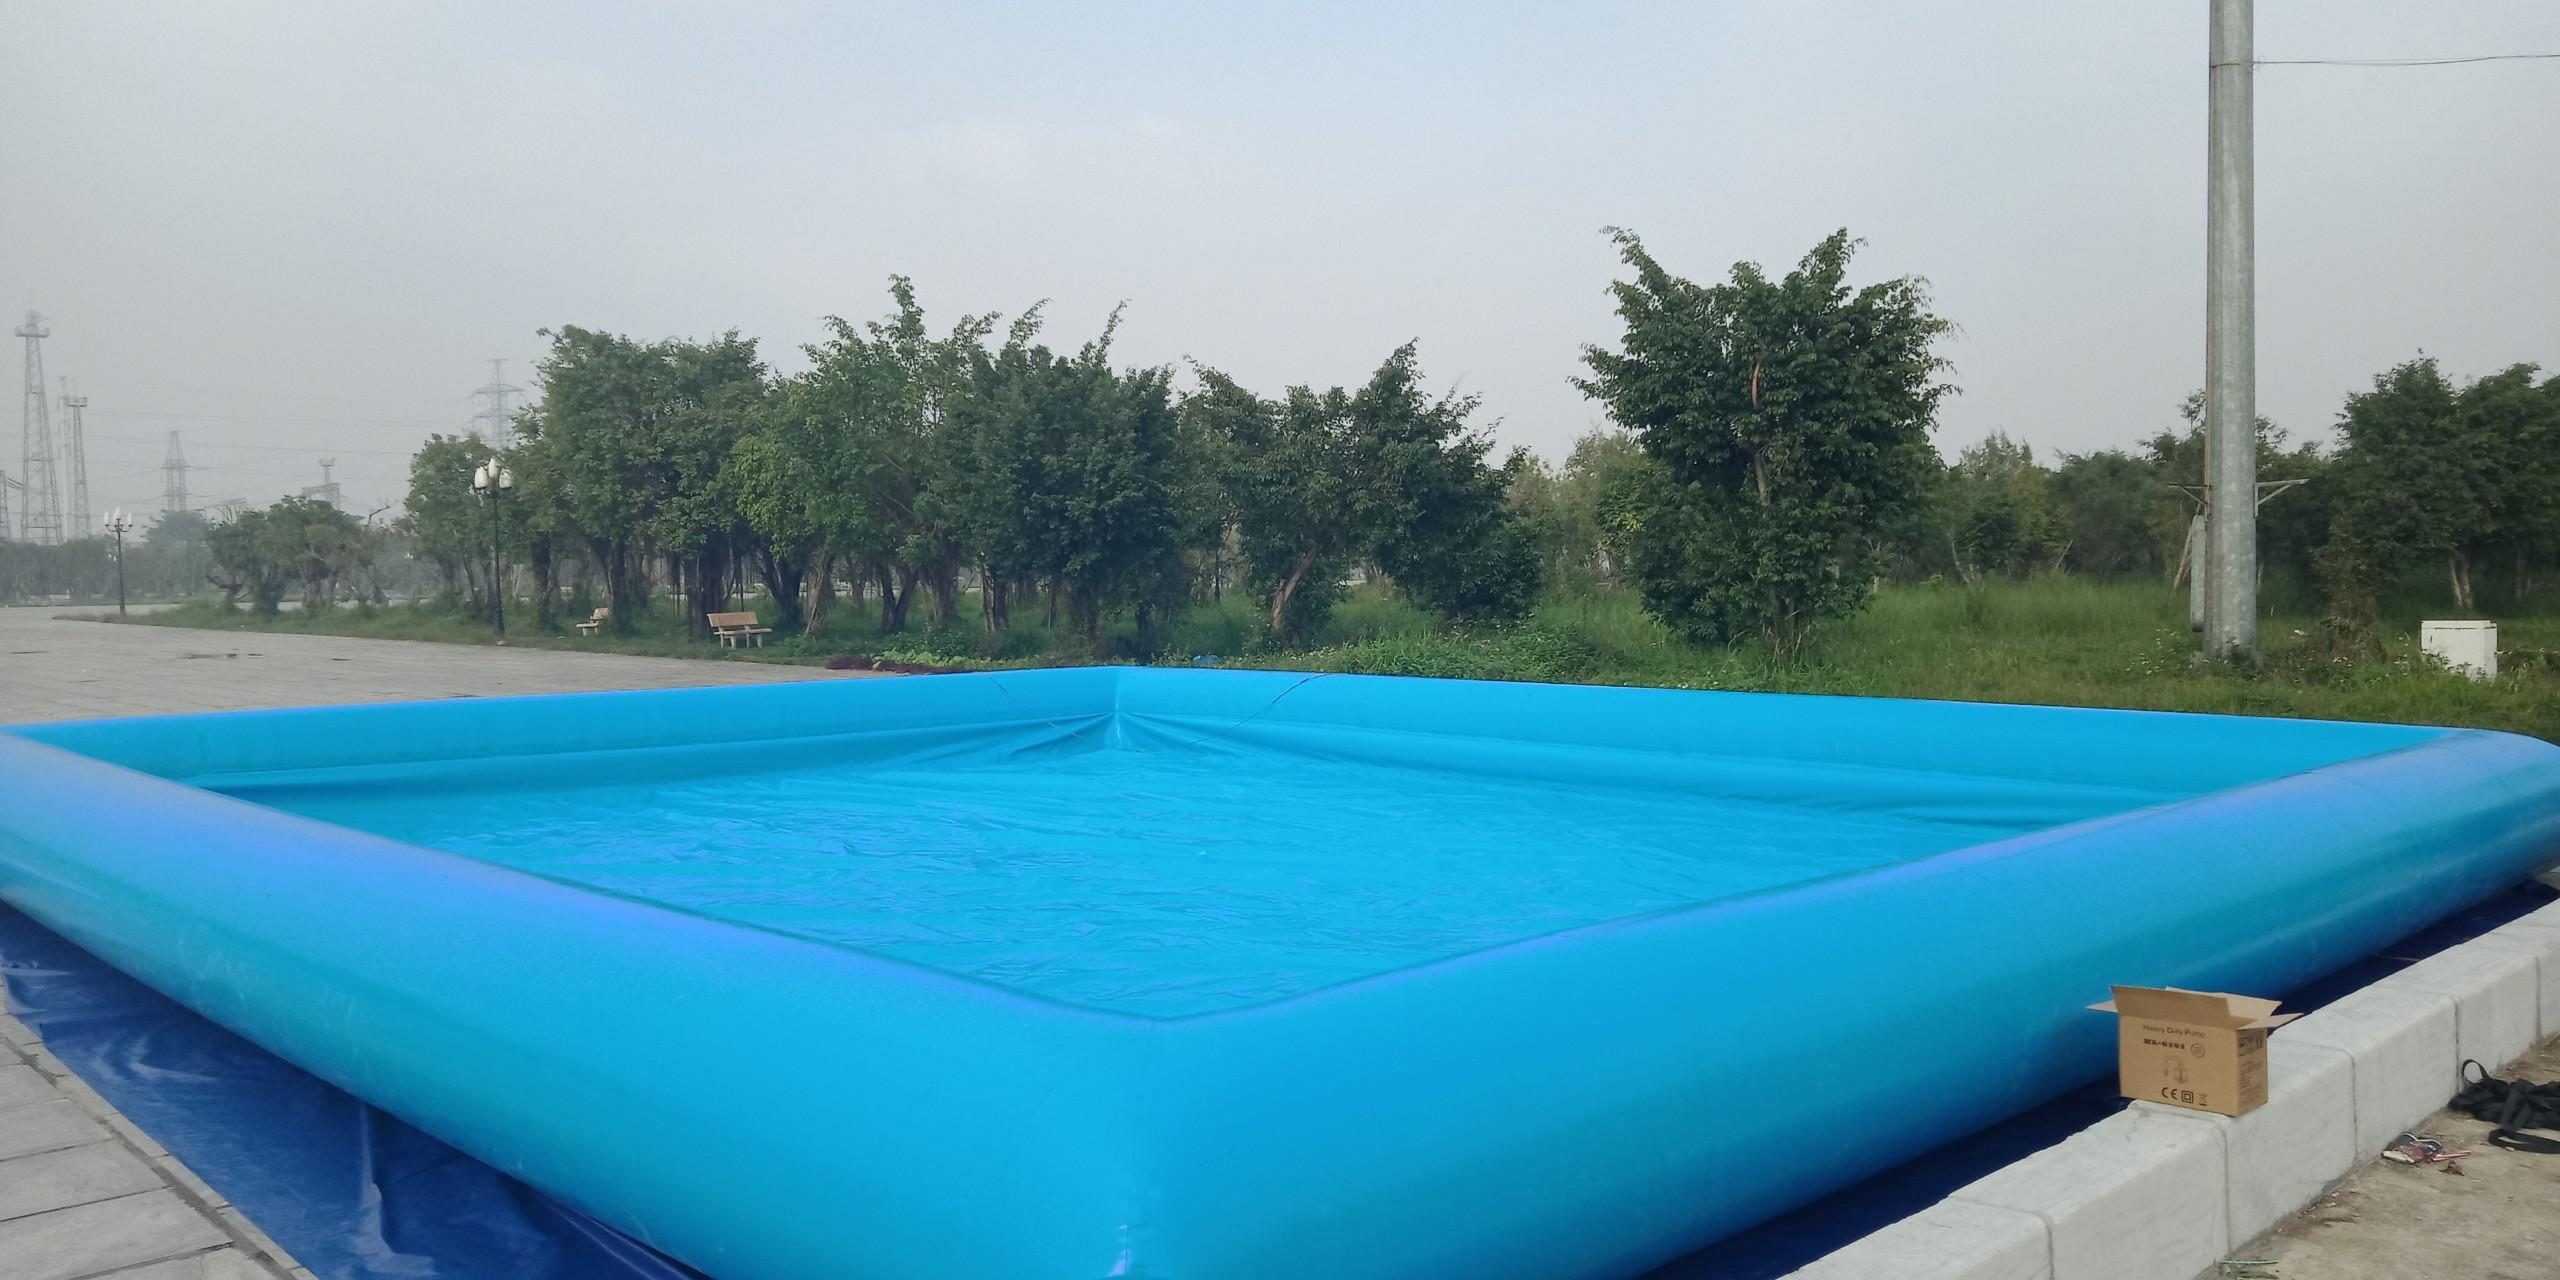 Hồ Phao Bơm Hơi Đẹp 5m x 5m